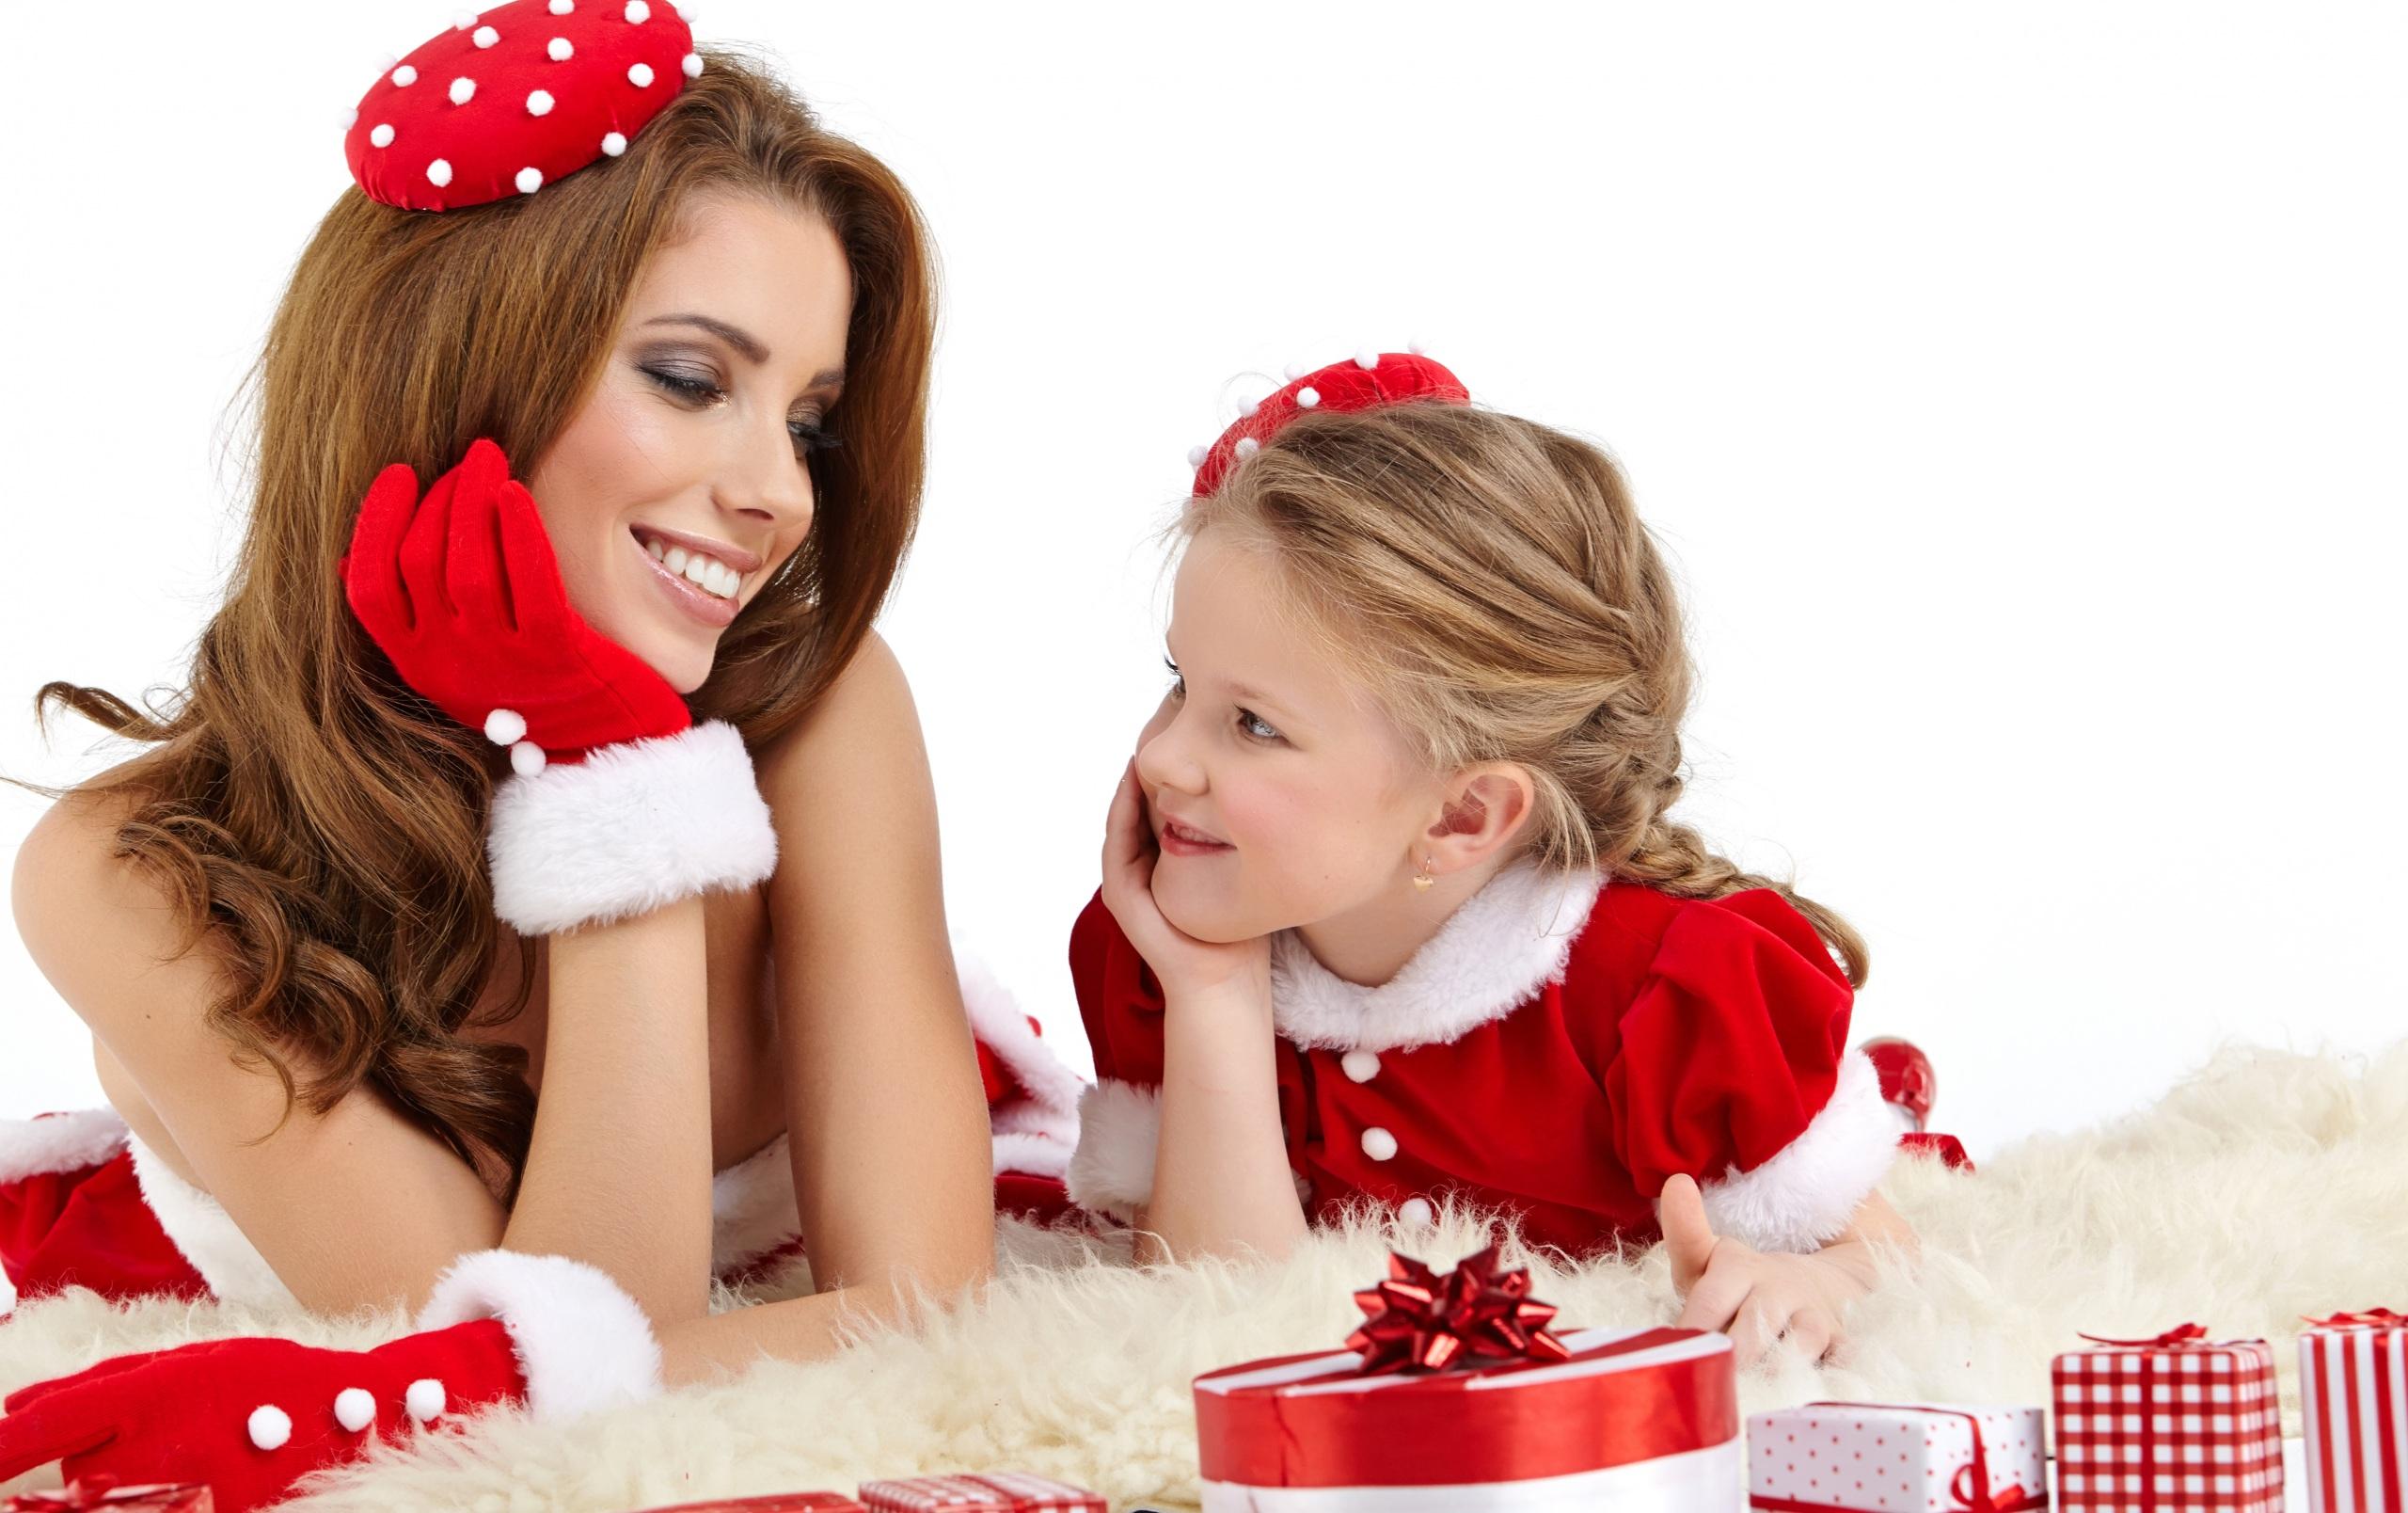 Обои для рабочего стола девочка шатенки Новый год Улыбка перчатках ребёнок два молодые женщины подарок белом фоне 2560x1608 Девочки Шатенка Рождество Перчатки улыбается Дети 2 две Двое вдвоем Девушки девушка молодая женщина Подарки подарков Белый фон белым фоном